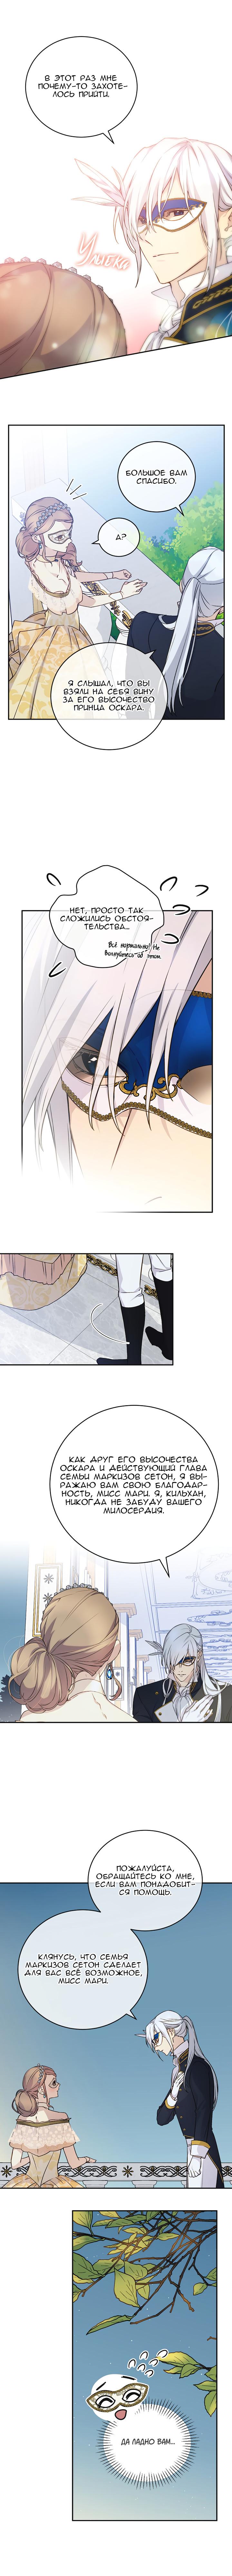 Манга Способная горничная / Capable maid  - Том 1 Глава 29 Страница 10